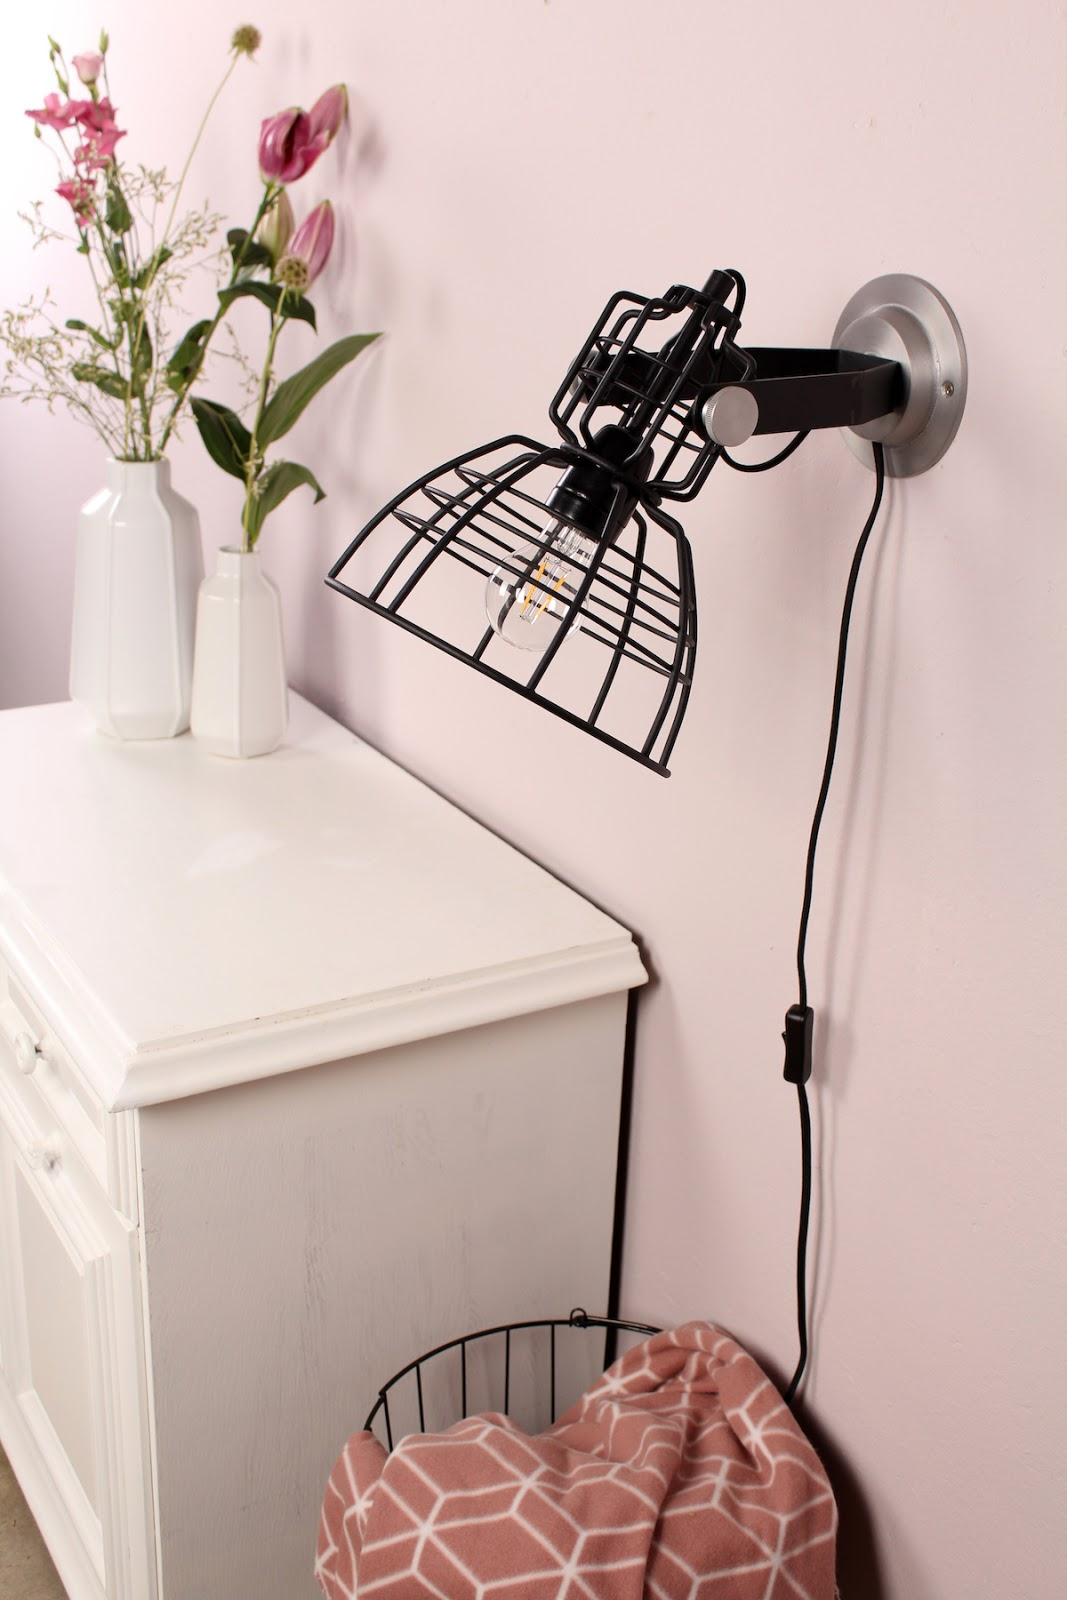 Foco de pared de hierro negro con lámpara incandescente de aspecto industrial